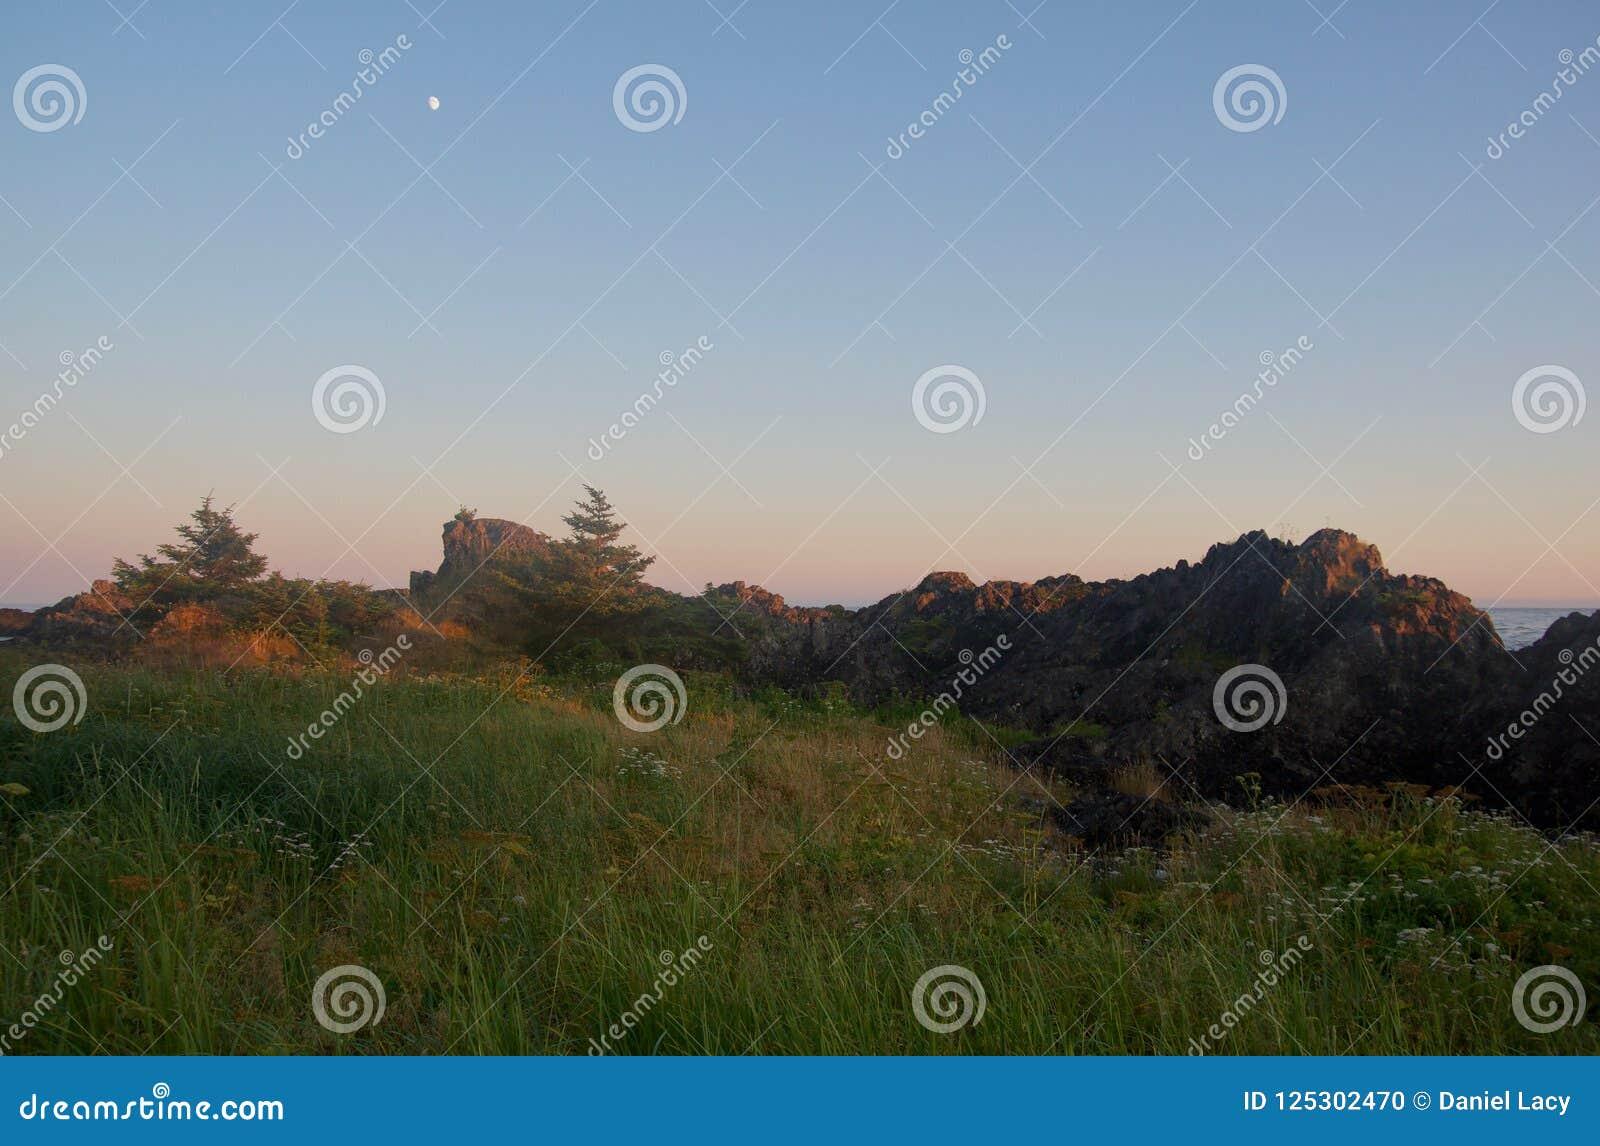 Strandgras en bloemen dichtbij rotsachtige kust bij zonsondergang met maan lucht